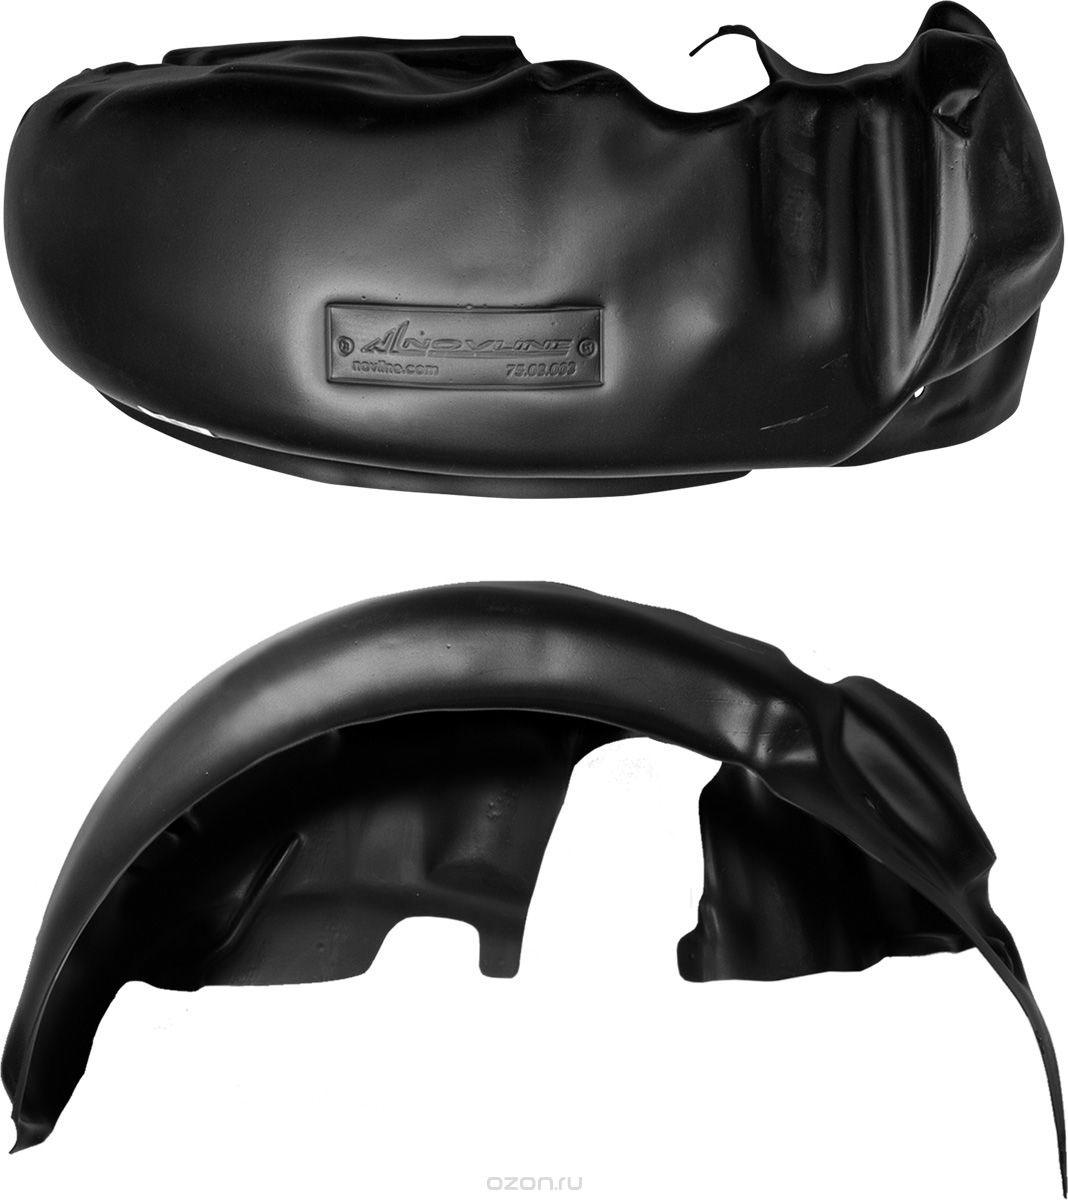 Подкрылок Novline-Autofamily, для PEUGEOT Boxer 2006-> с расширителями арок, задний левыйNLL.38.13.003Идеальная защита колесной ниши. Локеры разработаны с применением цифровых технологий, гарантируют максимальную повторяемость поверхности арки. Изделия устанавливаются без нарушения лакокрасочного покрытия автомобиля, каждый подкрылок комплектуется крепежом. Уважаемые клиенты, обращаем ваше внимание, что фотографии на подкрылки универсальные и не отражают реальную форму изделия. При этом само изделие идет точно под размер указанного автомобиля.